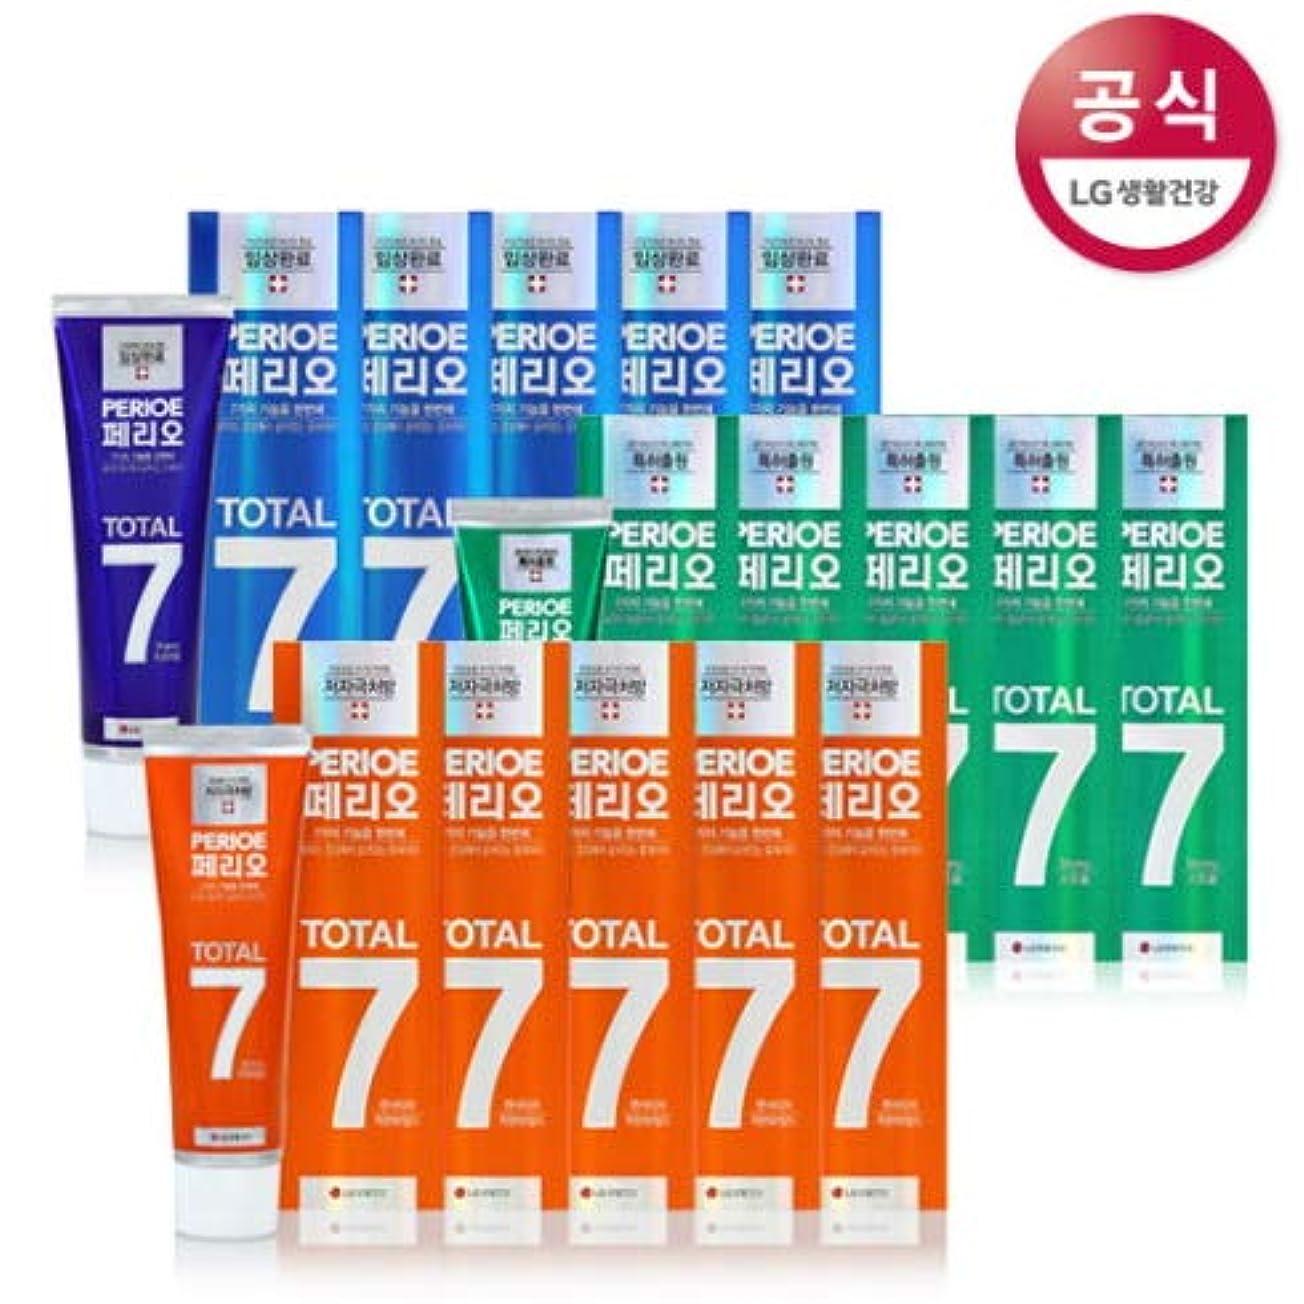 雨霧深い薄める[LG HnB] Perio Total 7 toothpaste /ペリオトータル7歯磨き粉 120gx18個(海外直送品)